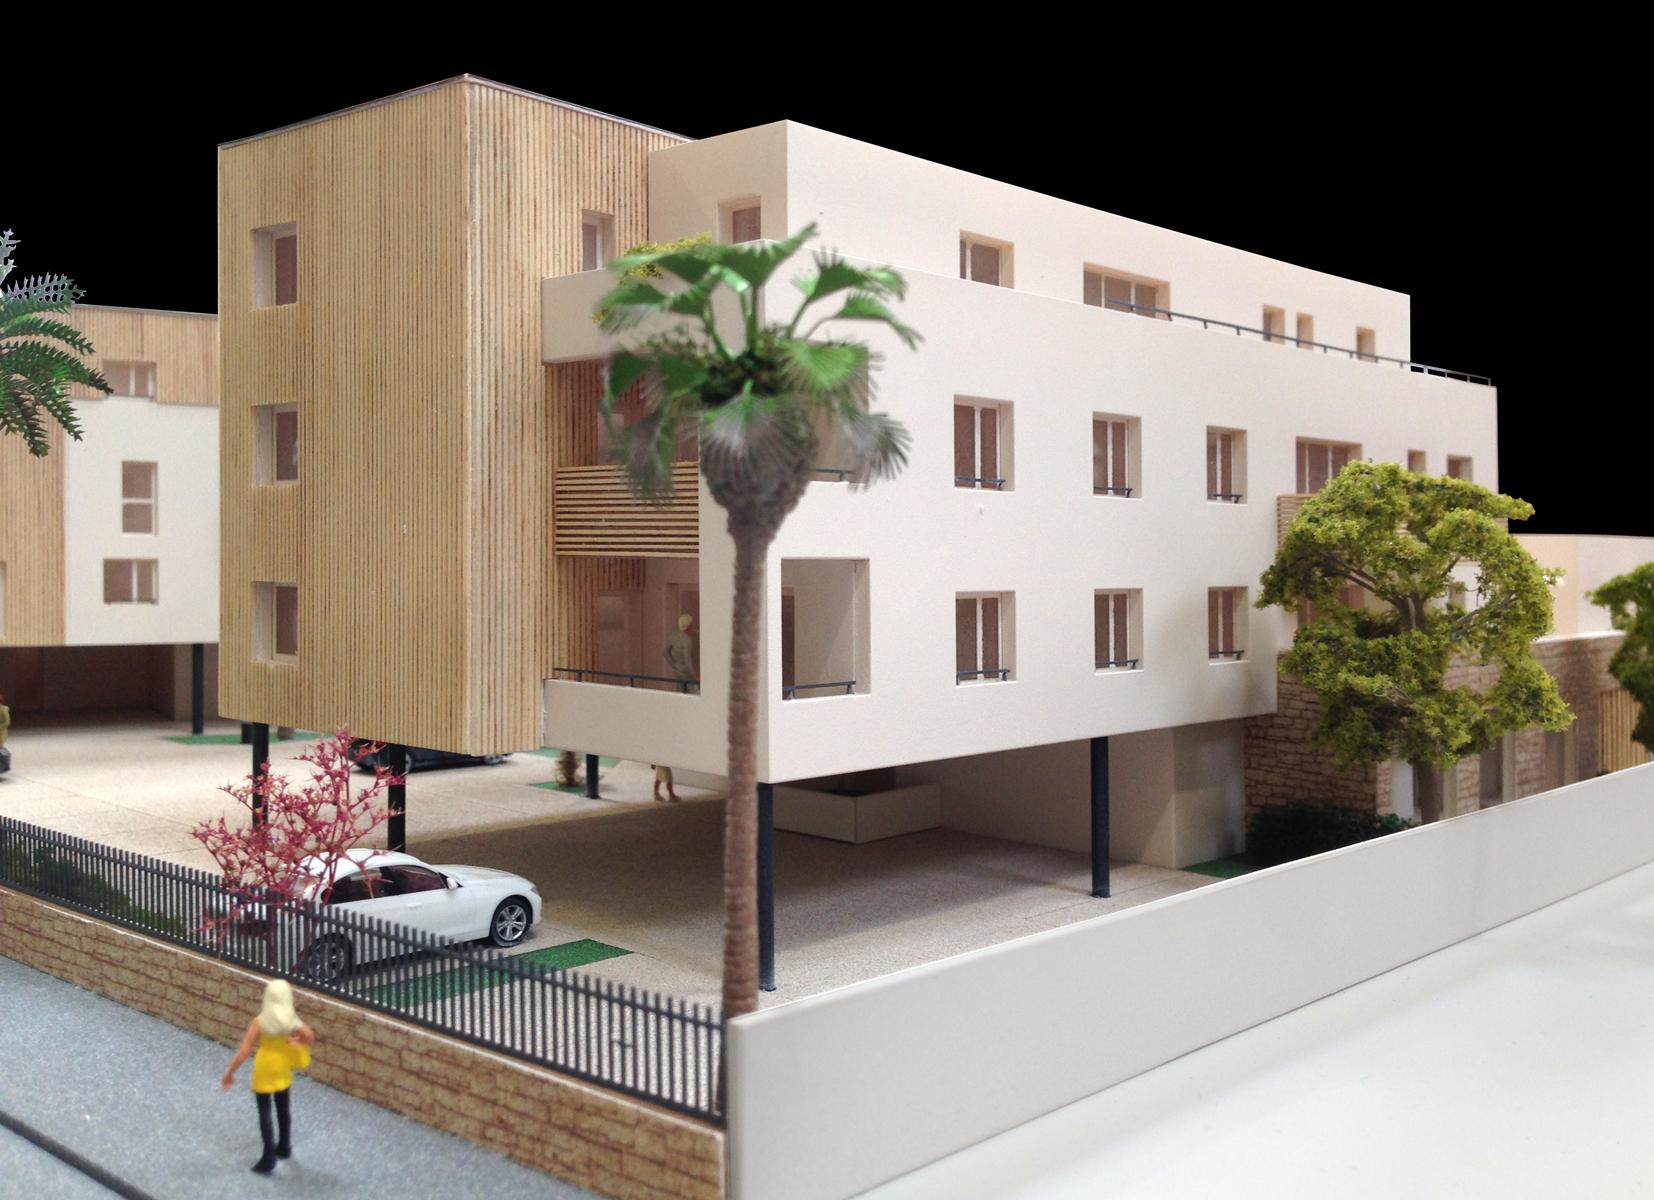 atelier-maquette-design-AM&D-montpellier-architecture-promoteur-fabregues-nicolas-constant-herault-architecte-les jardins de baillargues-european homes